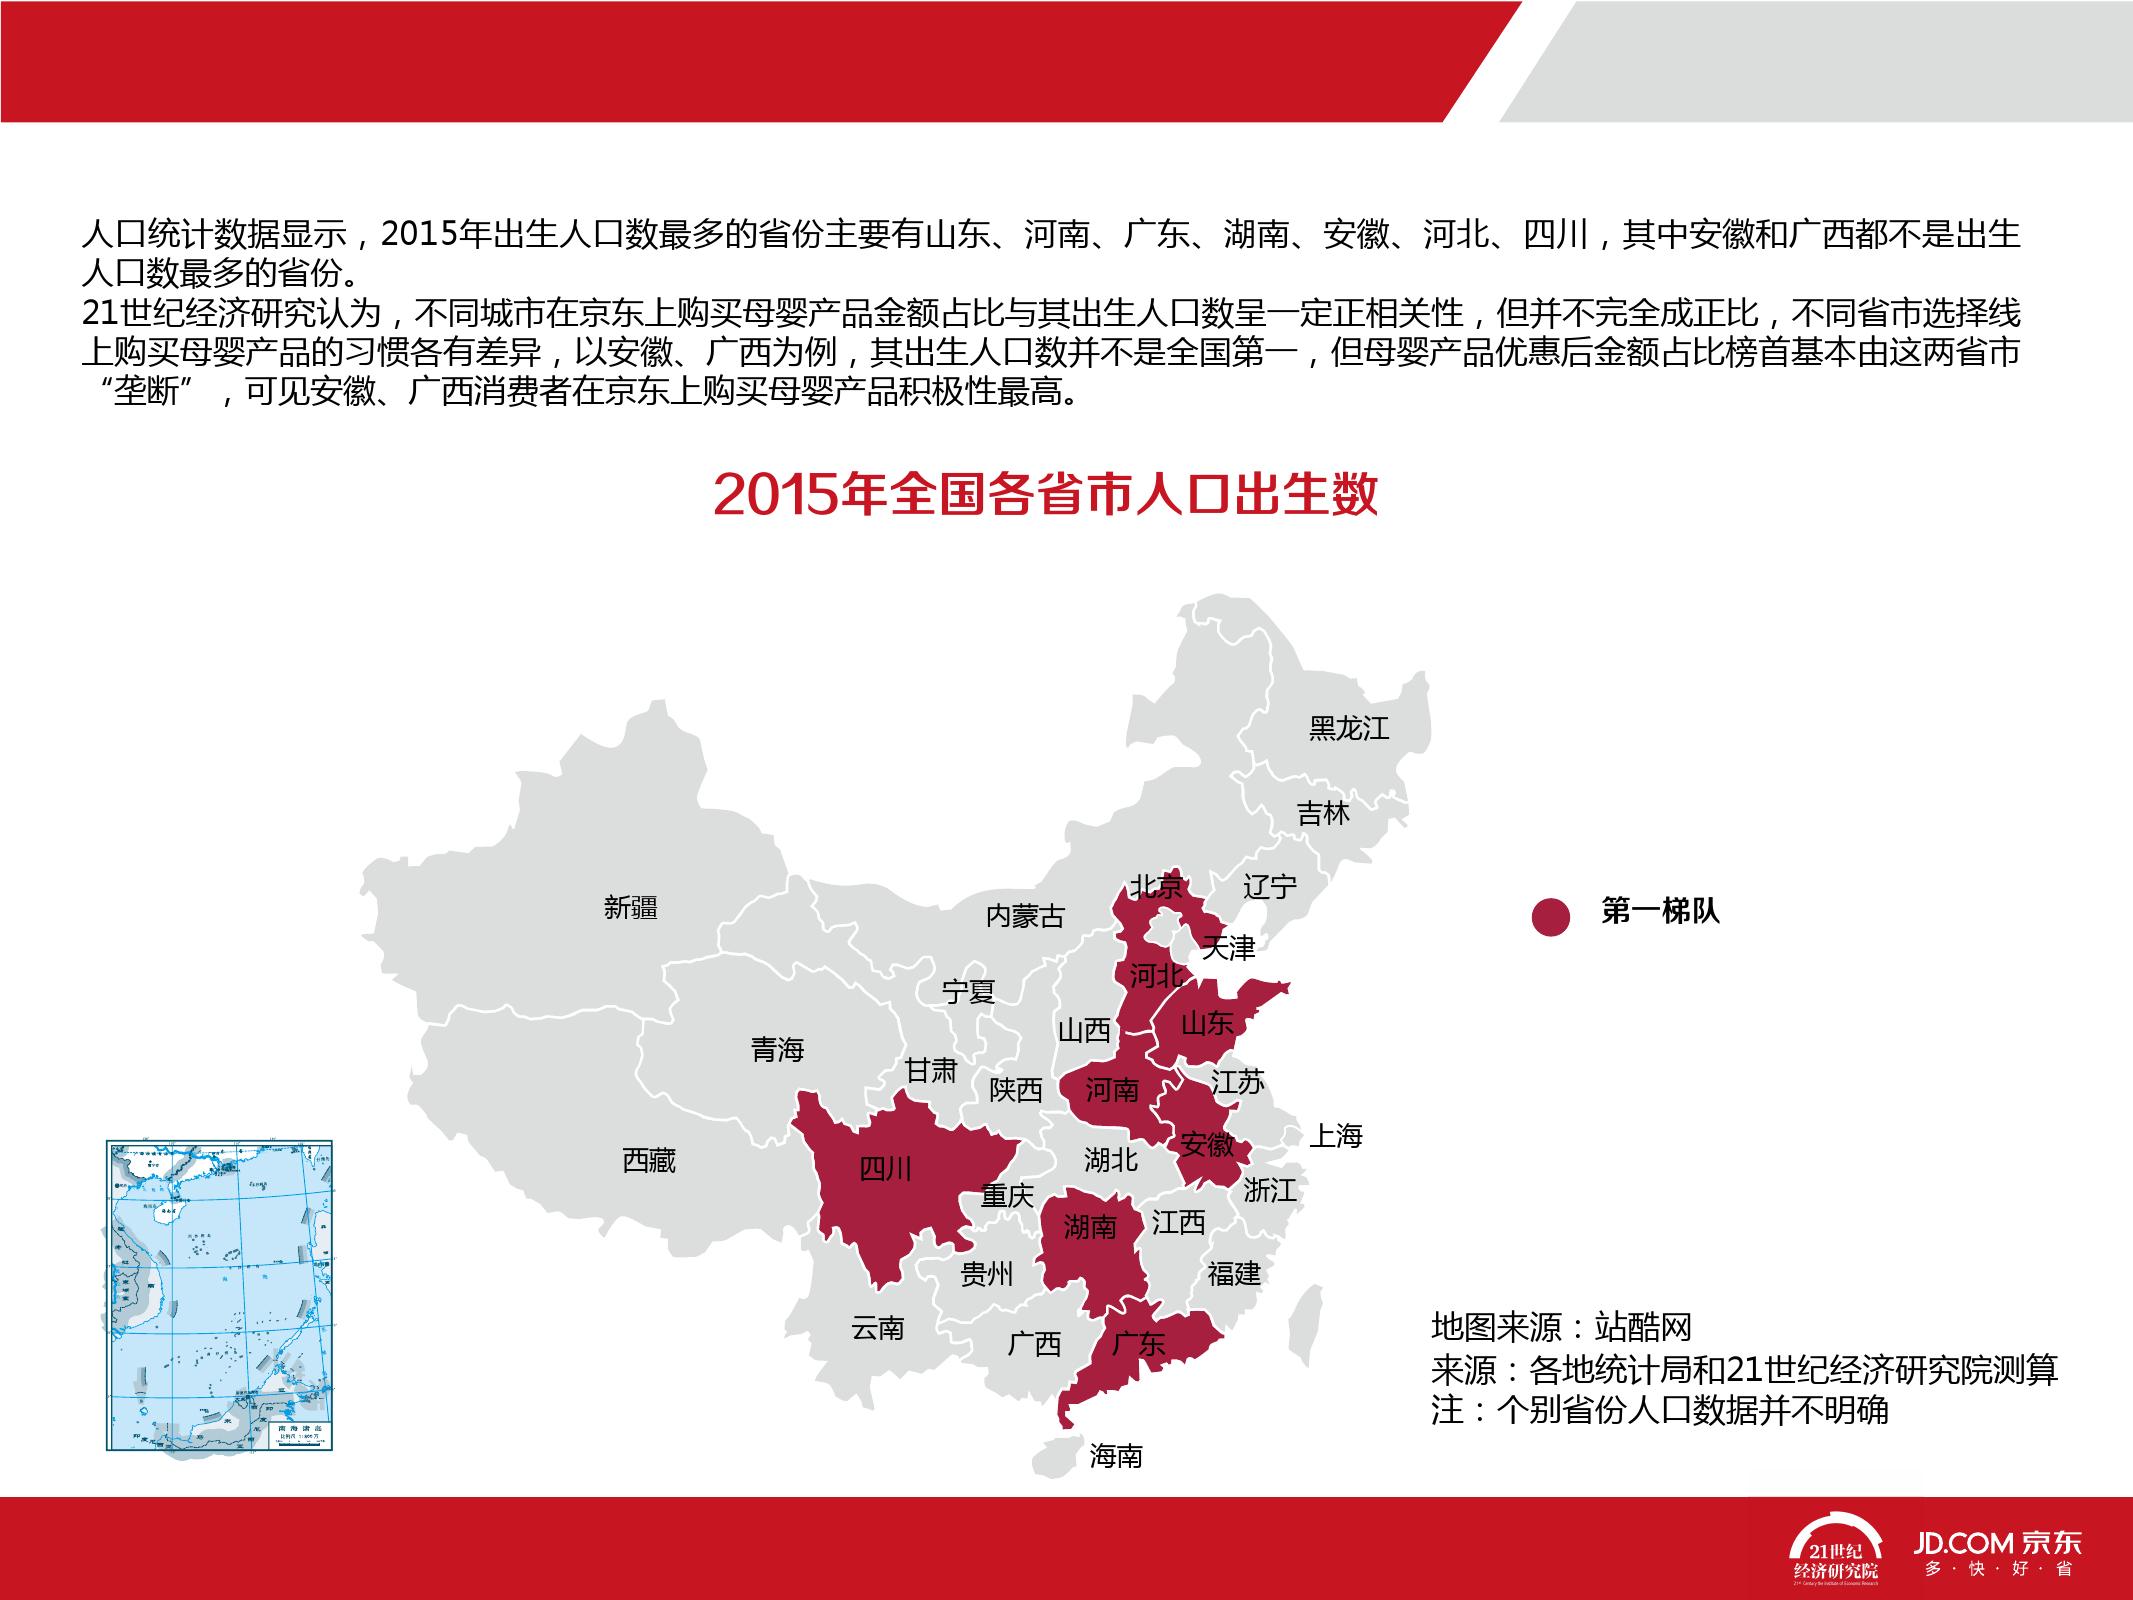 2016中国母婴产品消费趋势报告_000017